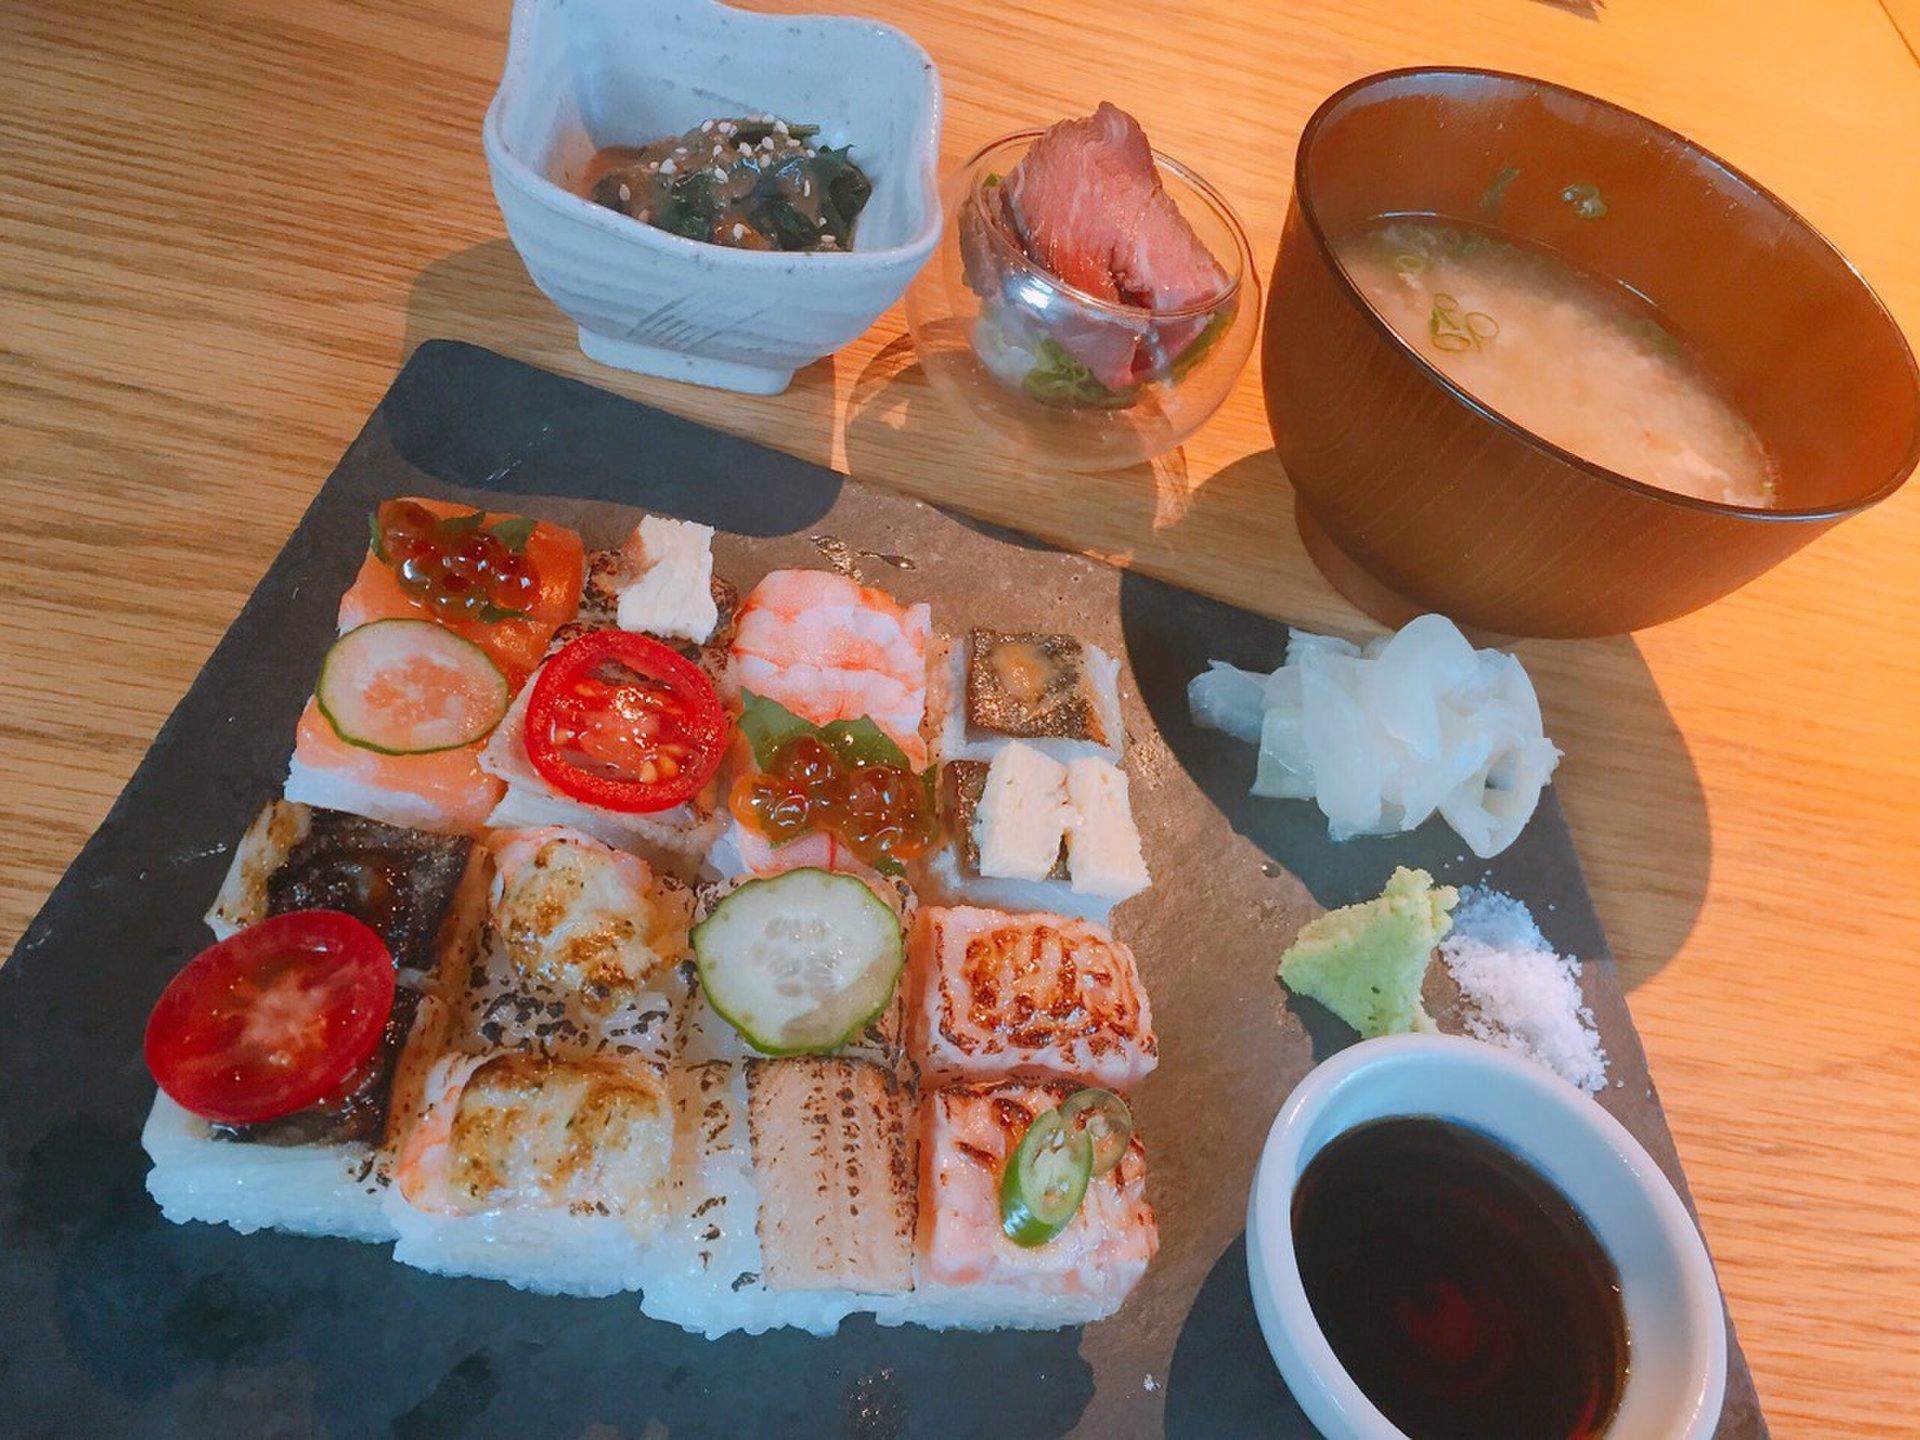 カナダ発のモザイク寿司が話題!渋谷の「KINKA」で土日限定フォトジェニックランチ。